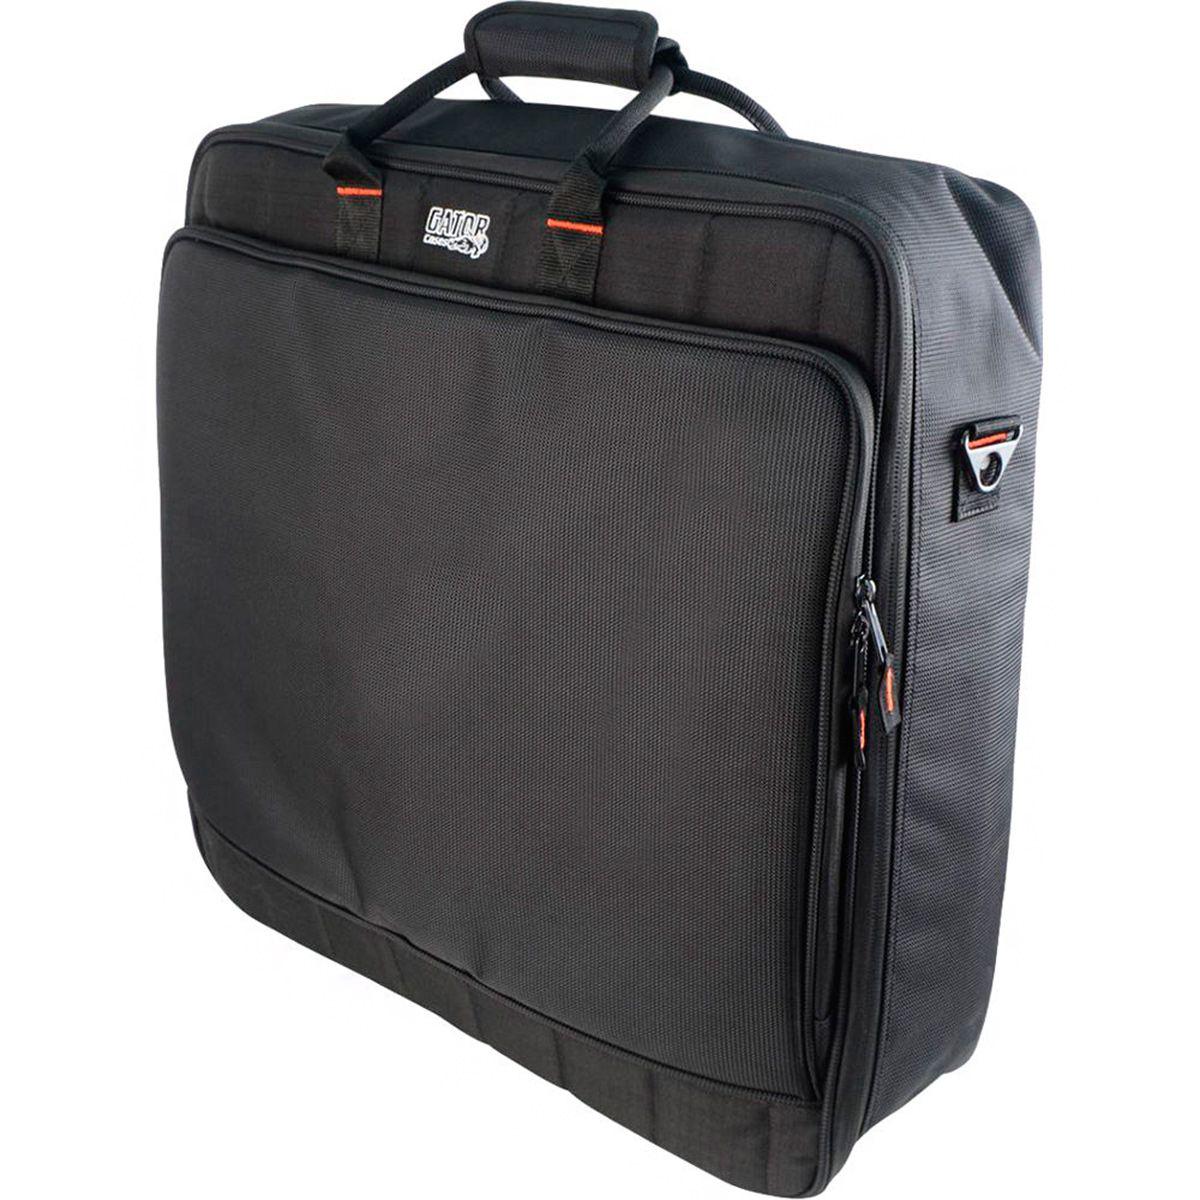 Bag Gator G-MIX-B 1818 com Alça Ajustável para Mixr 18